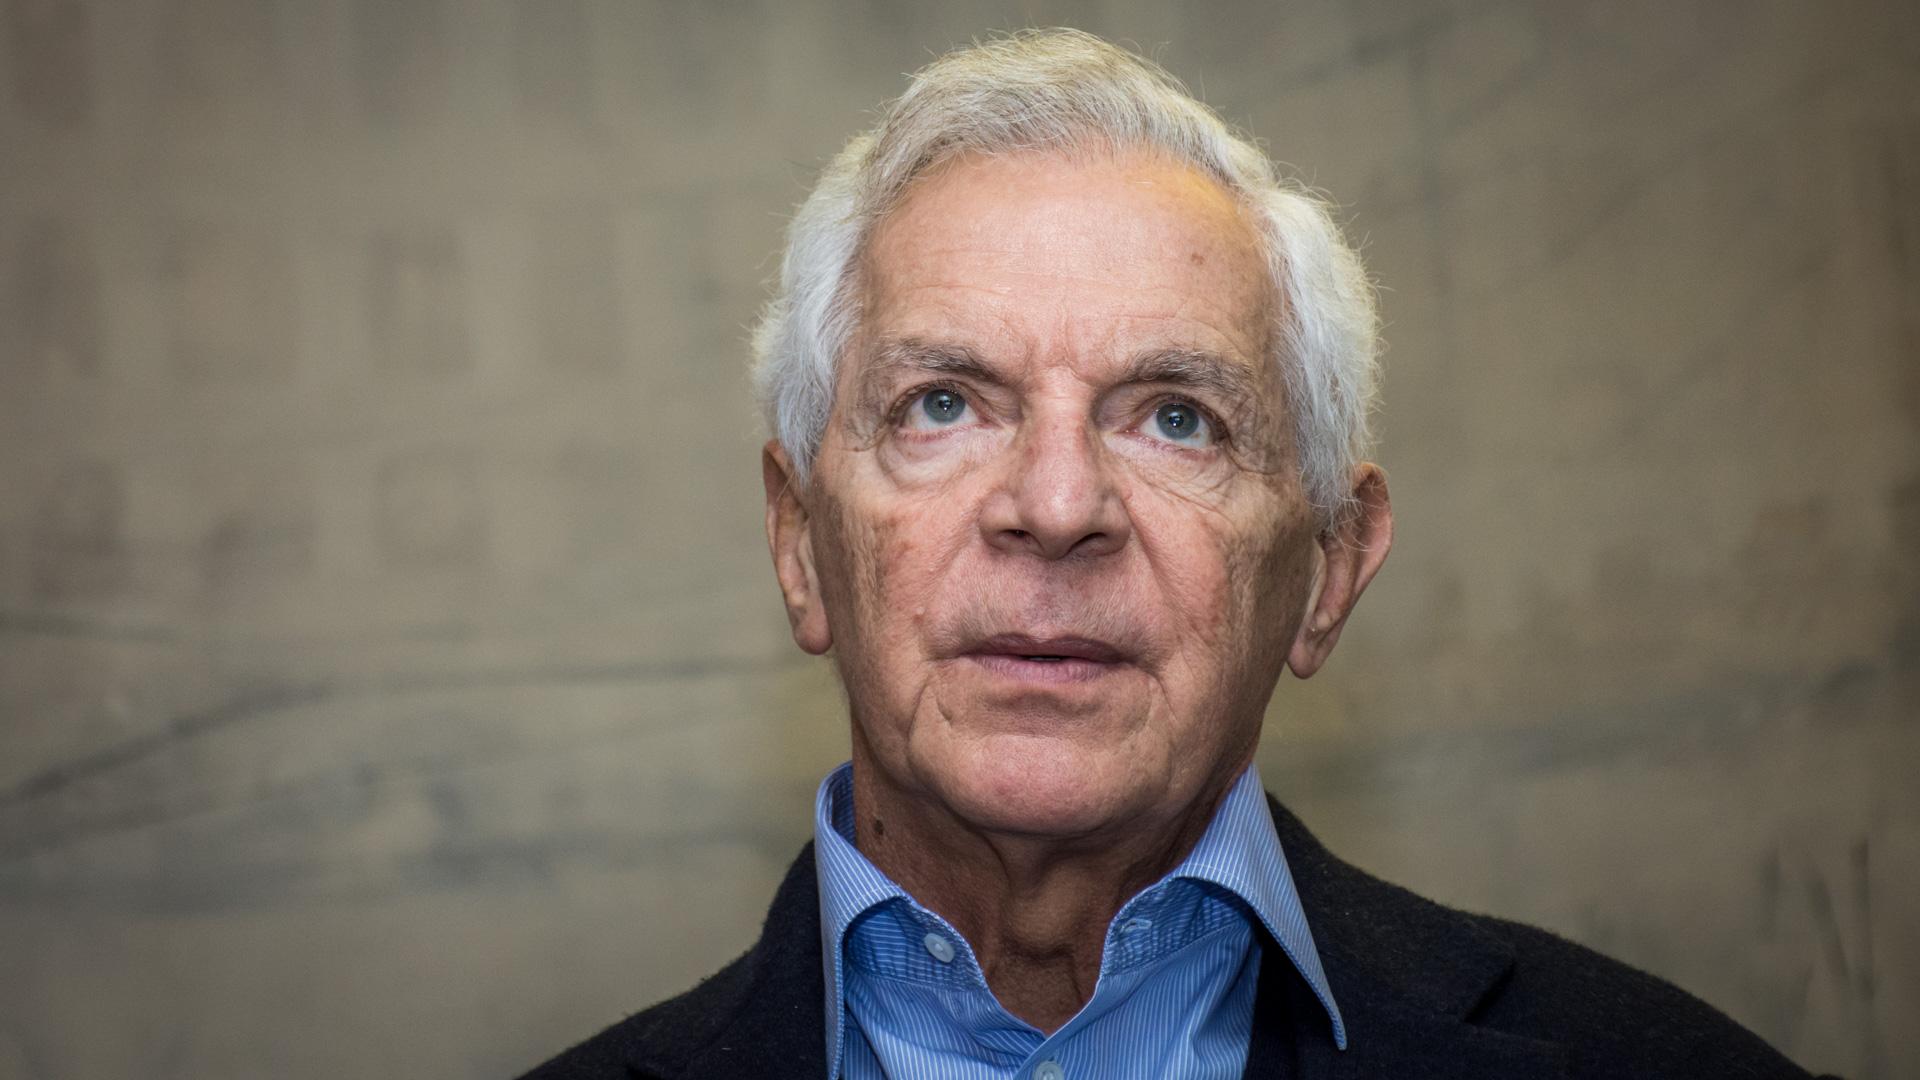 Eduardo Costantini piensa cada palabra, acorde con el difícil cuadro socioeconómico y política que arrastra la Argentina desde hace 70 años